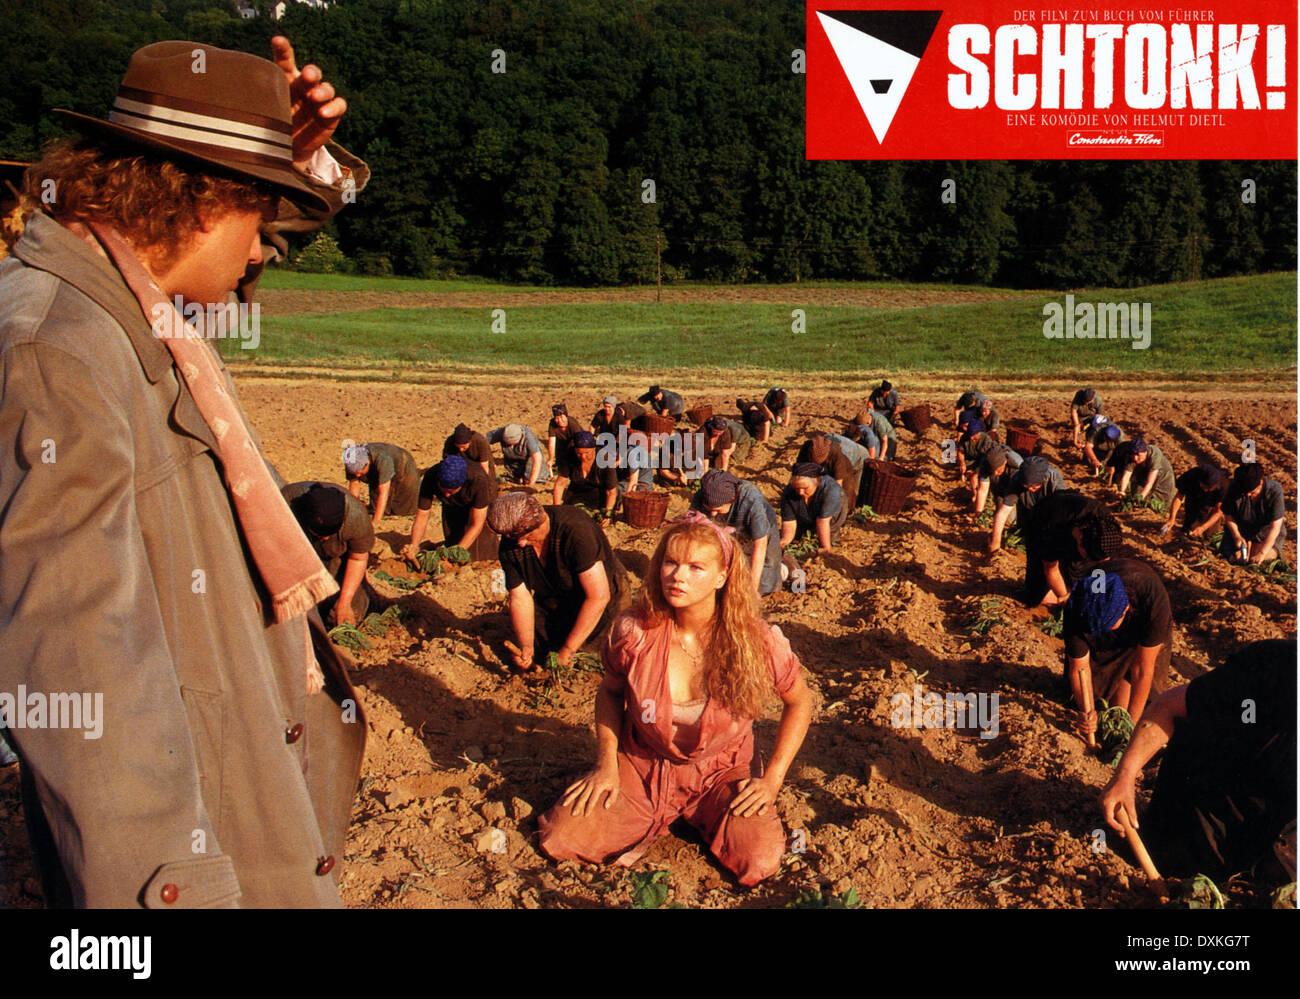 SCHTONK (GER 1992) - Stock Image